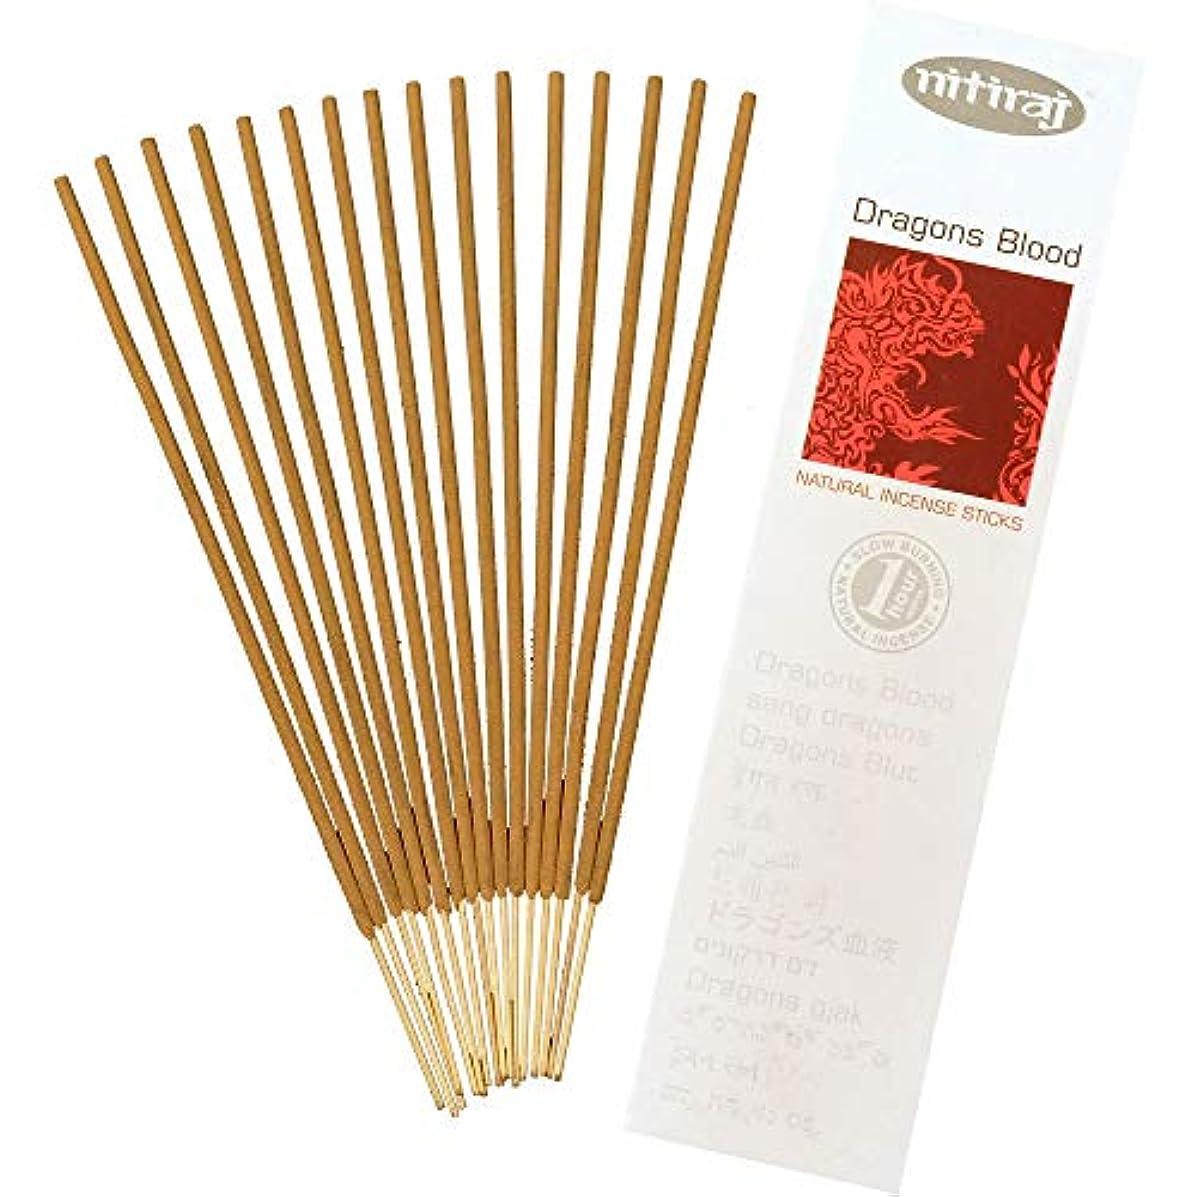 良性けがをする些細なNitirajプラチナ天然Incense Sticks Slow Burning 1hr。2パック DRAGONSBLOOD